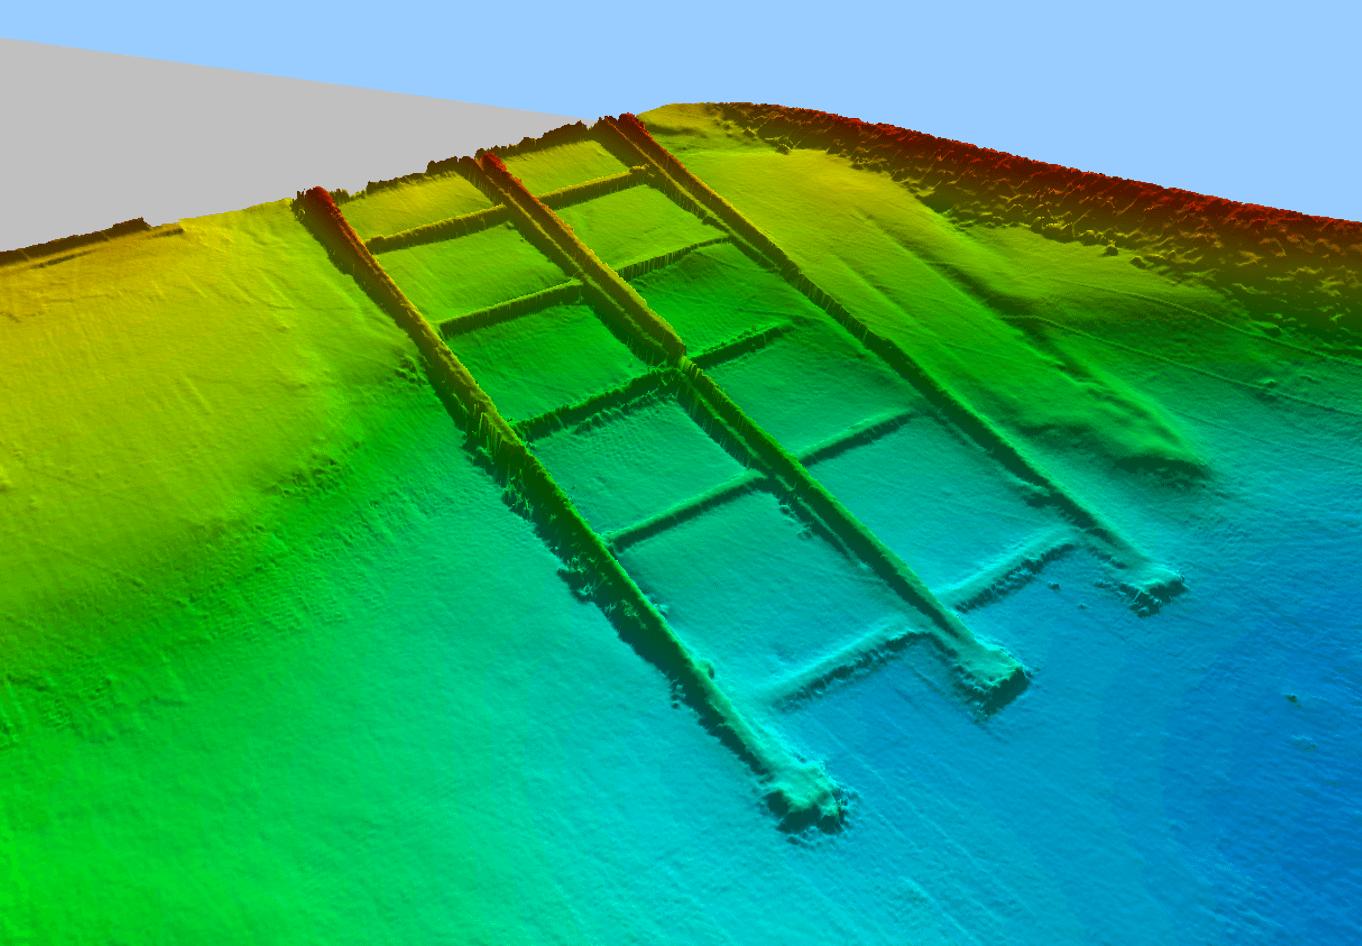 concarneau-2-visualisation-des-fonds-marins-par-suite-à-une-bathygraphie